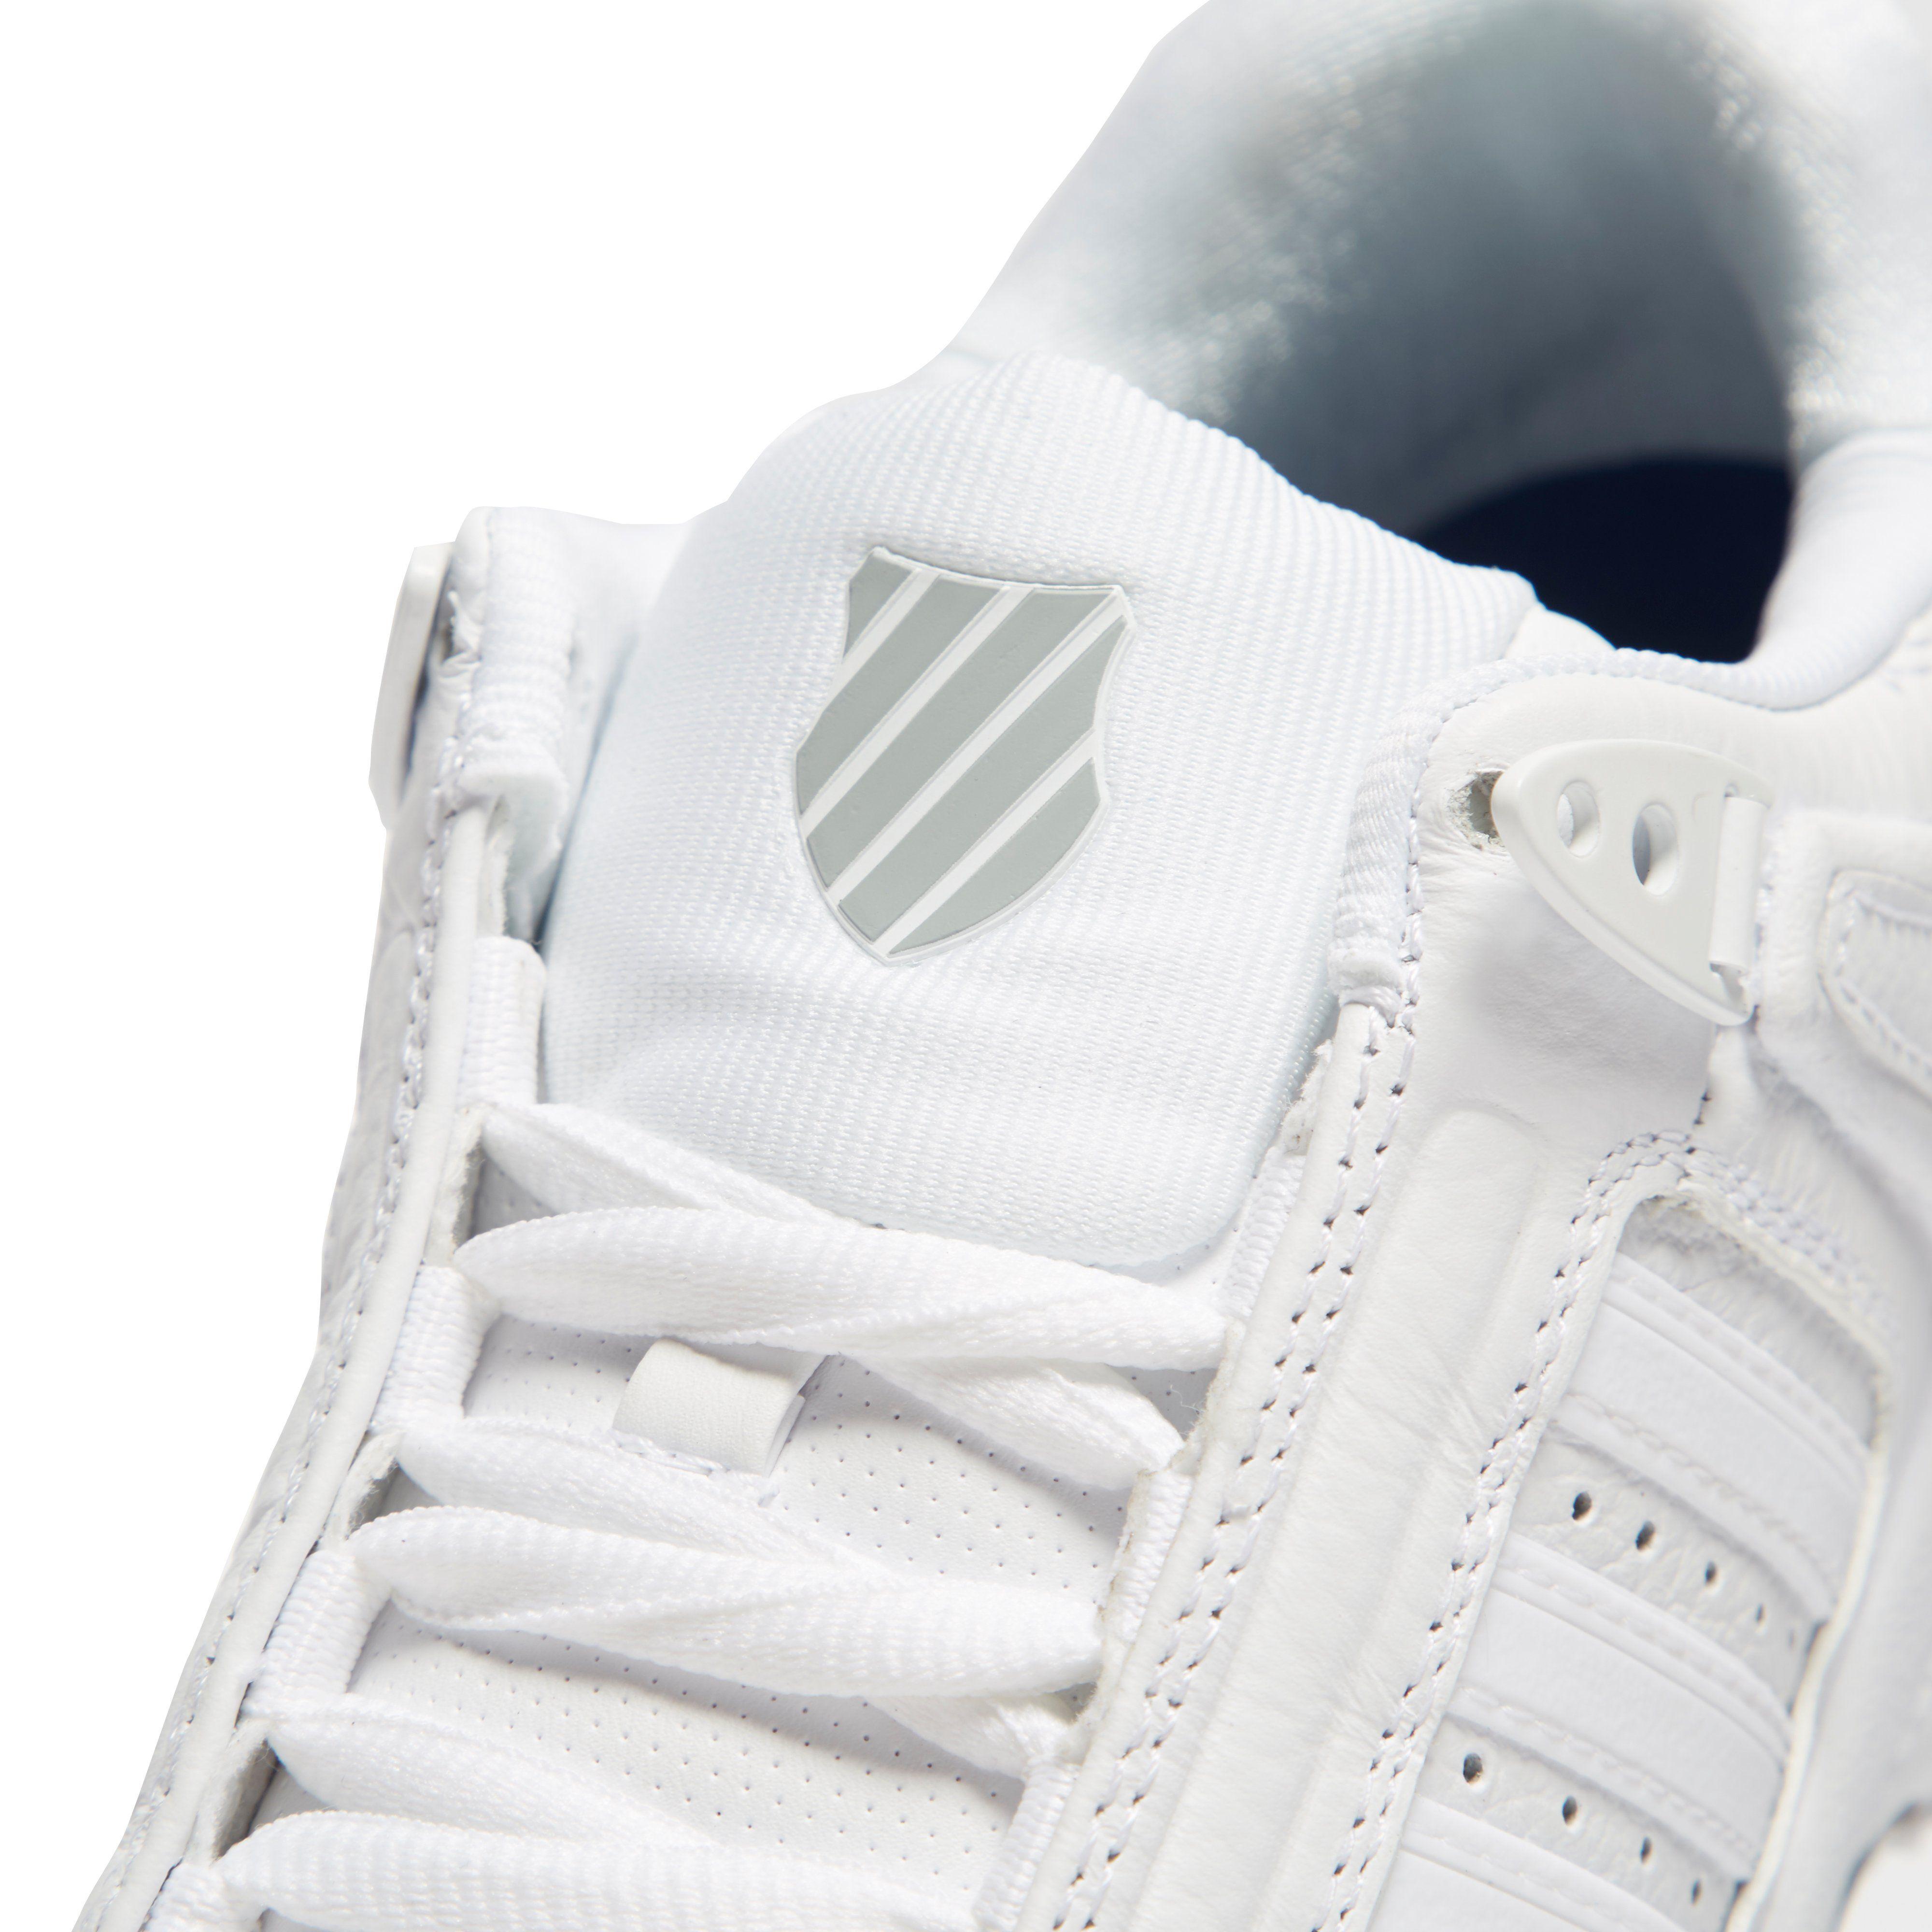 K-Swiss Defier Men's Tennis Shoes